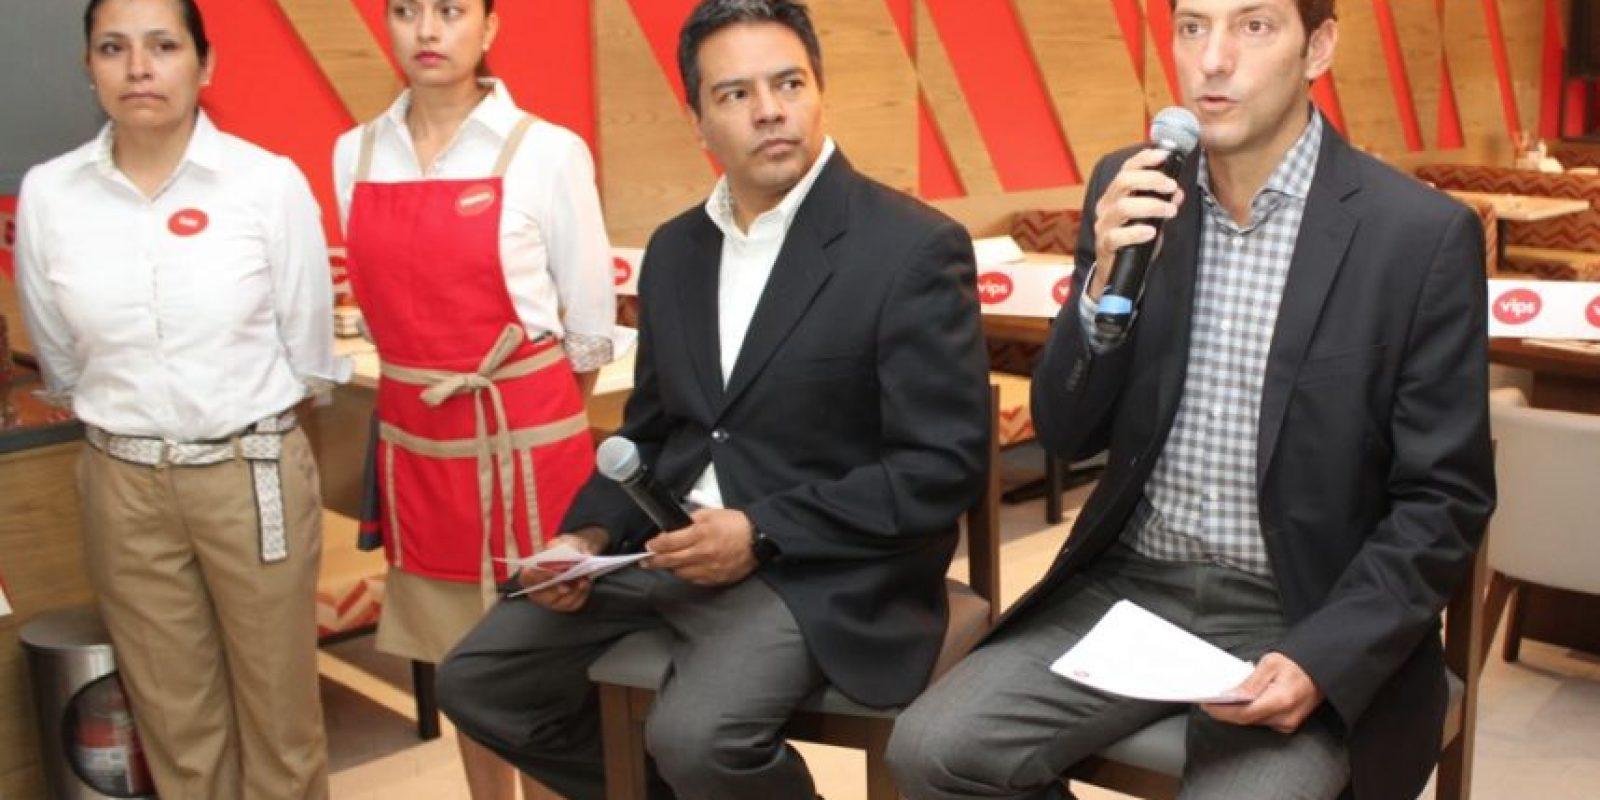 Alfonso Tinoco, director de Marketing de Vips (izq.); y Gerardo Rojas, director de Marca de Vips (der.). Foto:Nicolás Corte / Publimetro